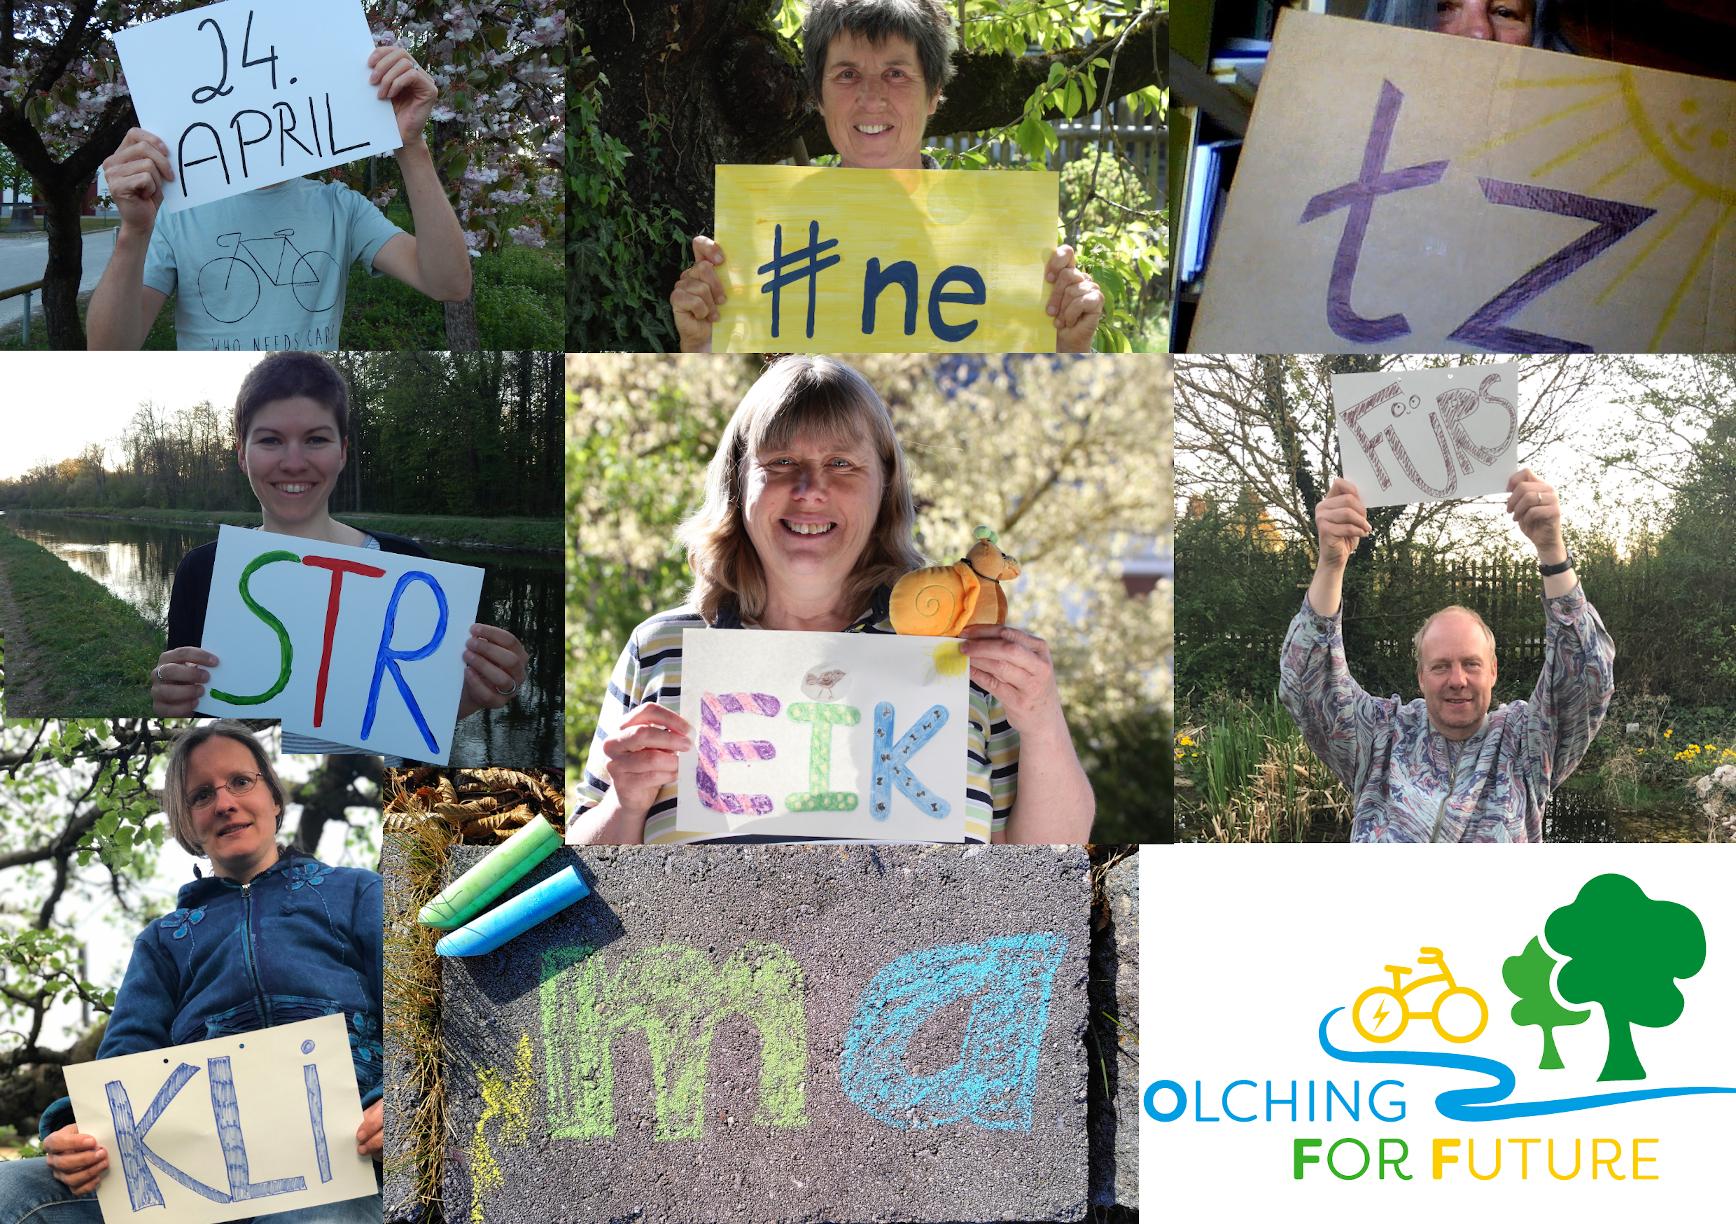 Olching for Future beteiligt sich am weltweiten Klimastreik